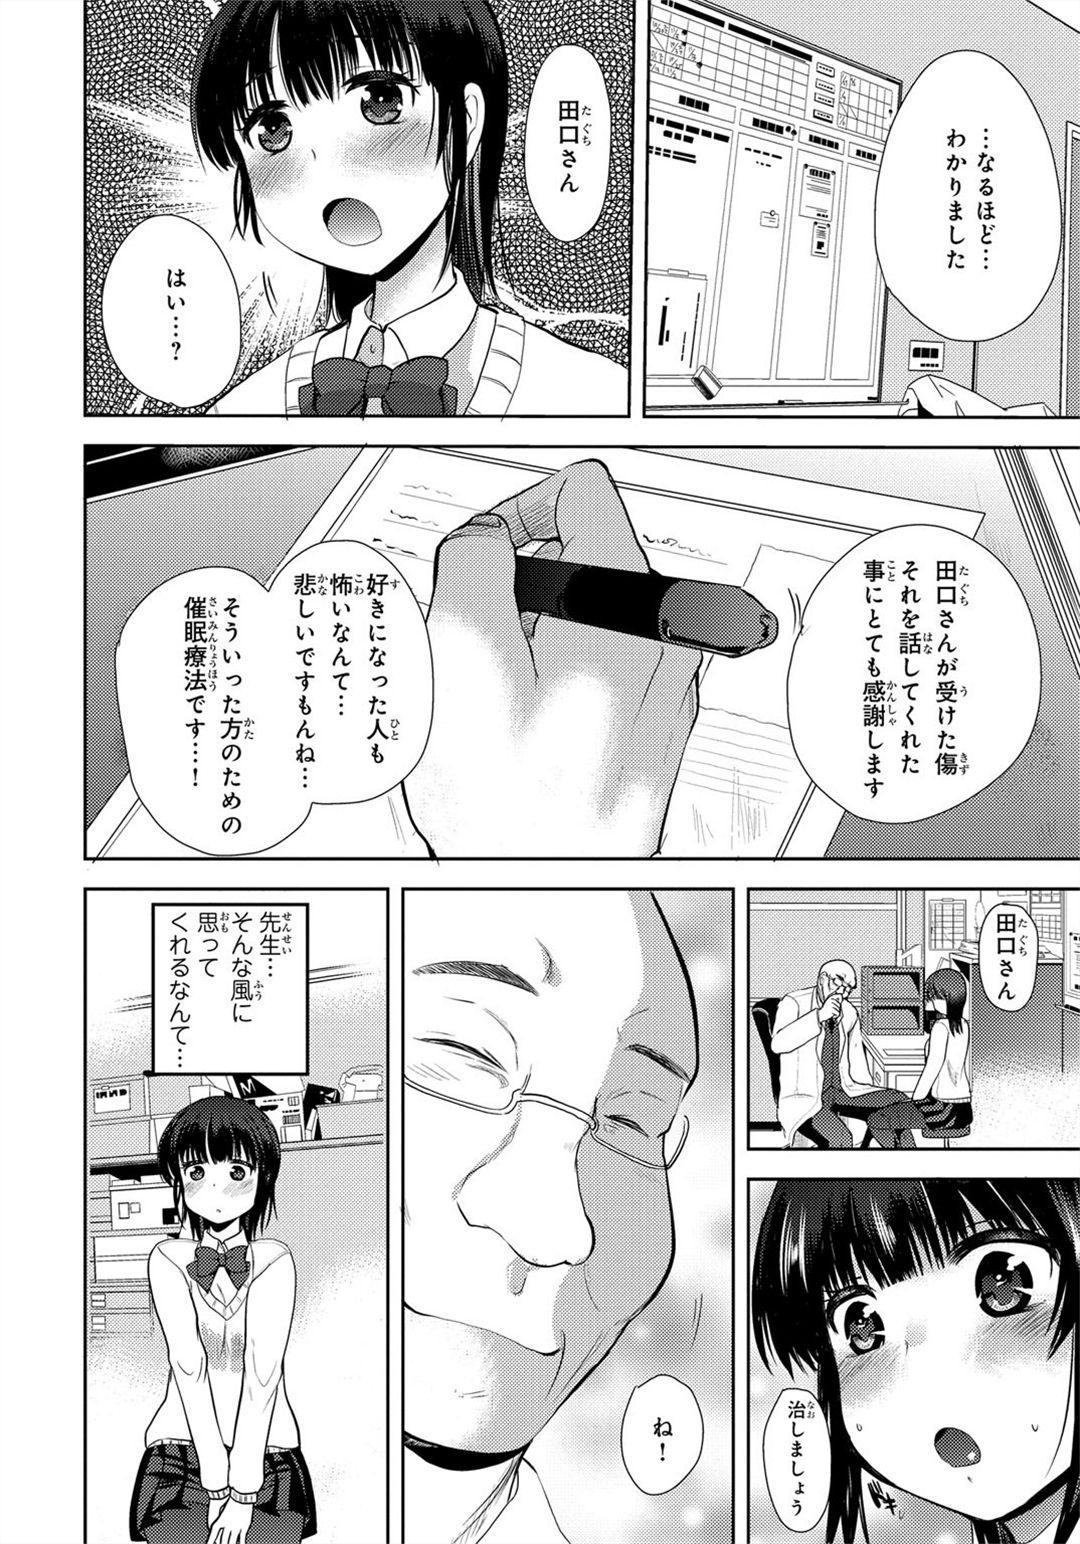 Kichiku! Saimin Choukyou Taguchi Mari wa Ika ni Hisan na Shojo Soushitsu o Mukaeta ka 5